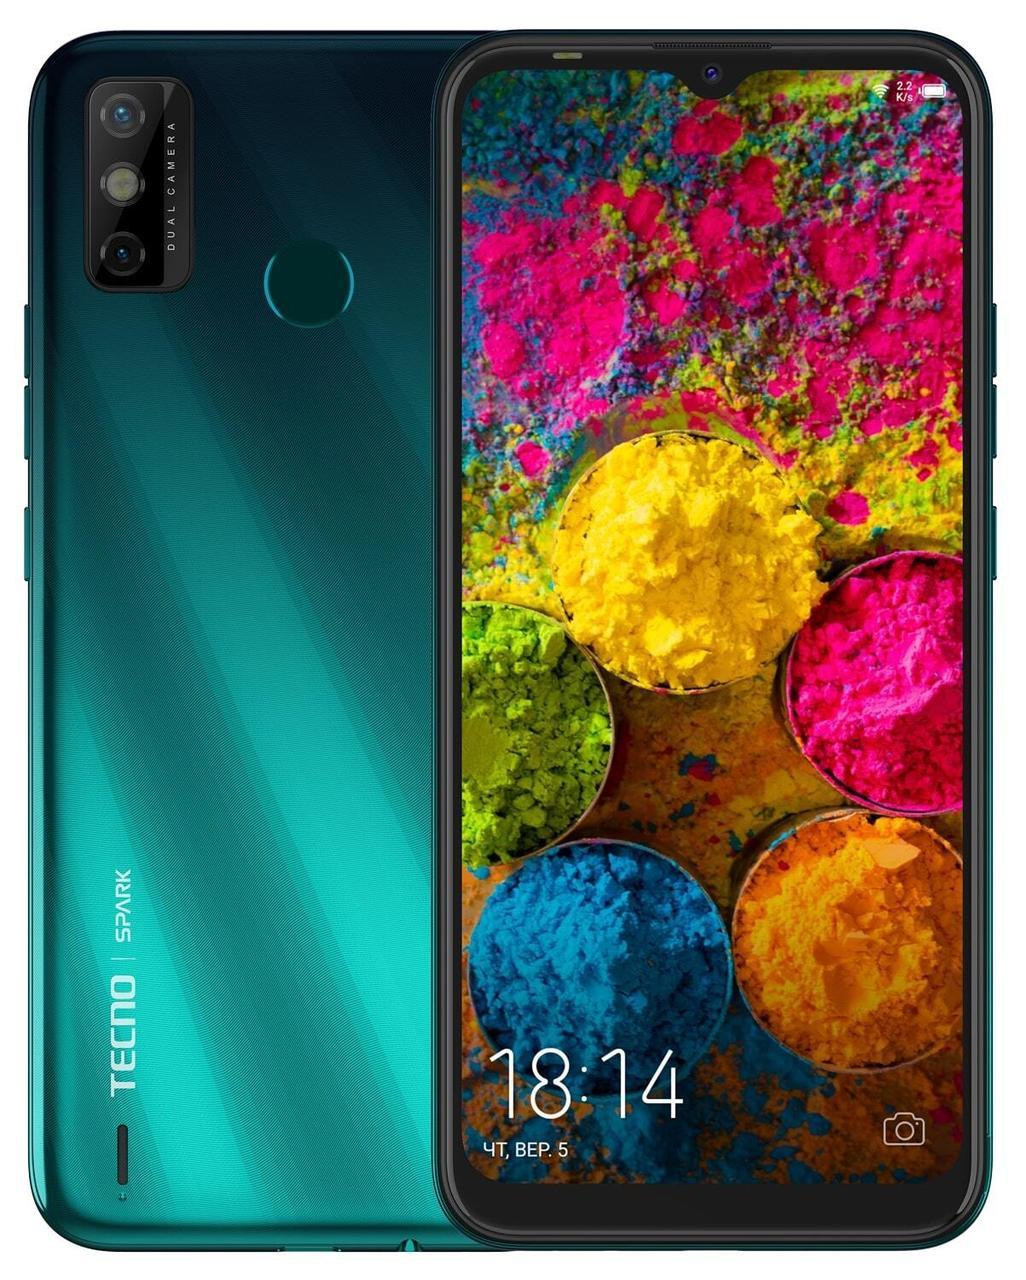 Смартфон TECNO Spark 6 Go 2/32 Gb Ice Jadeite Helio A20 5000 мАч